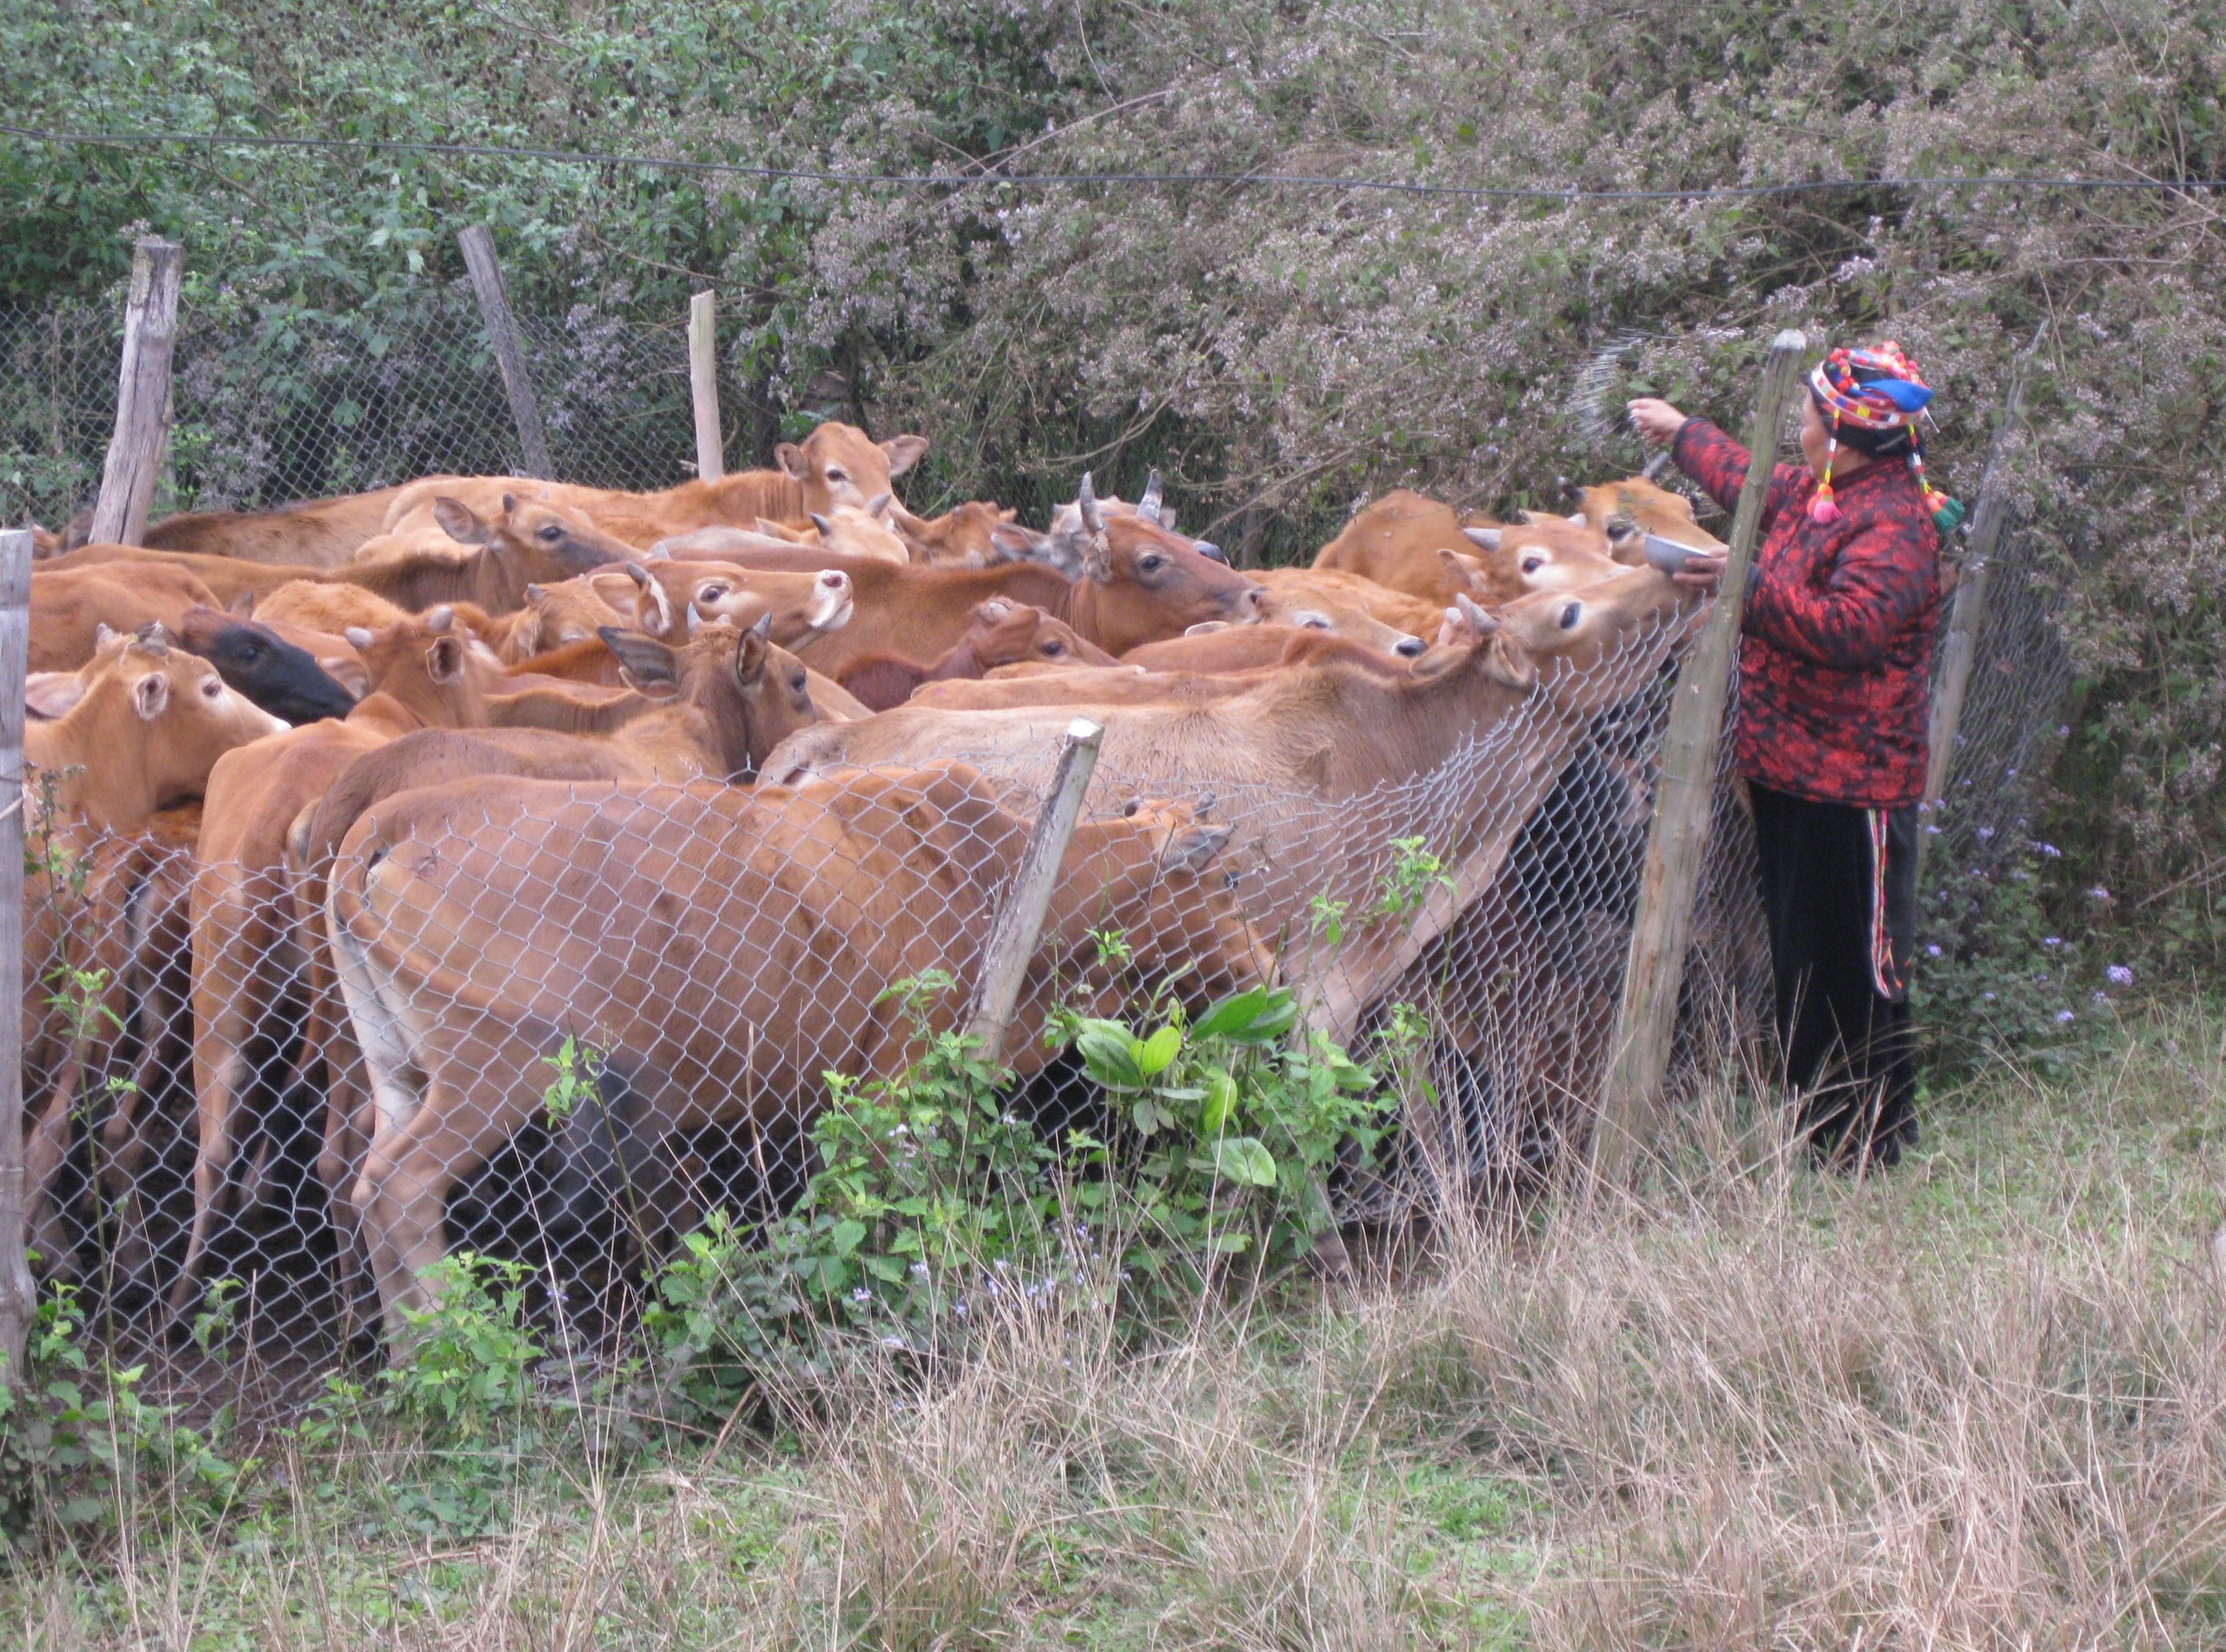 Chính sách hỗ trợ cấp trâu, bò giống đã giúp nhiều hộ dân xã Nà Hỳ (Nậm Pồ) thay đổi cuộc sống và thoát nghèo.